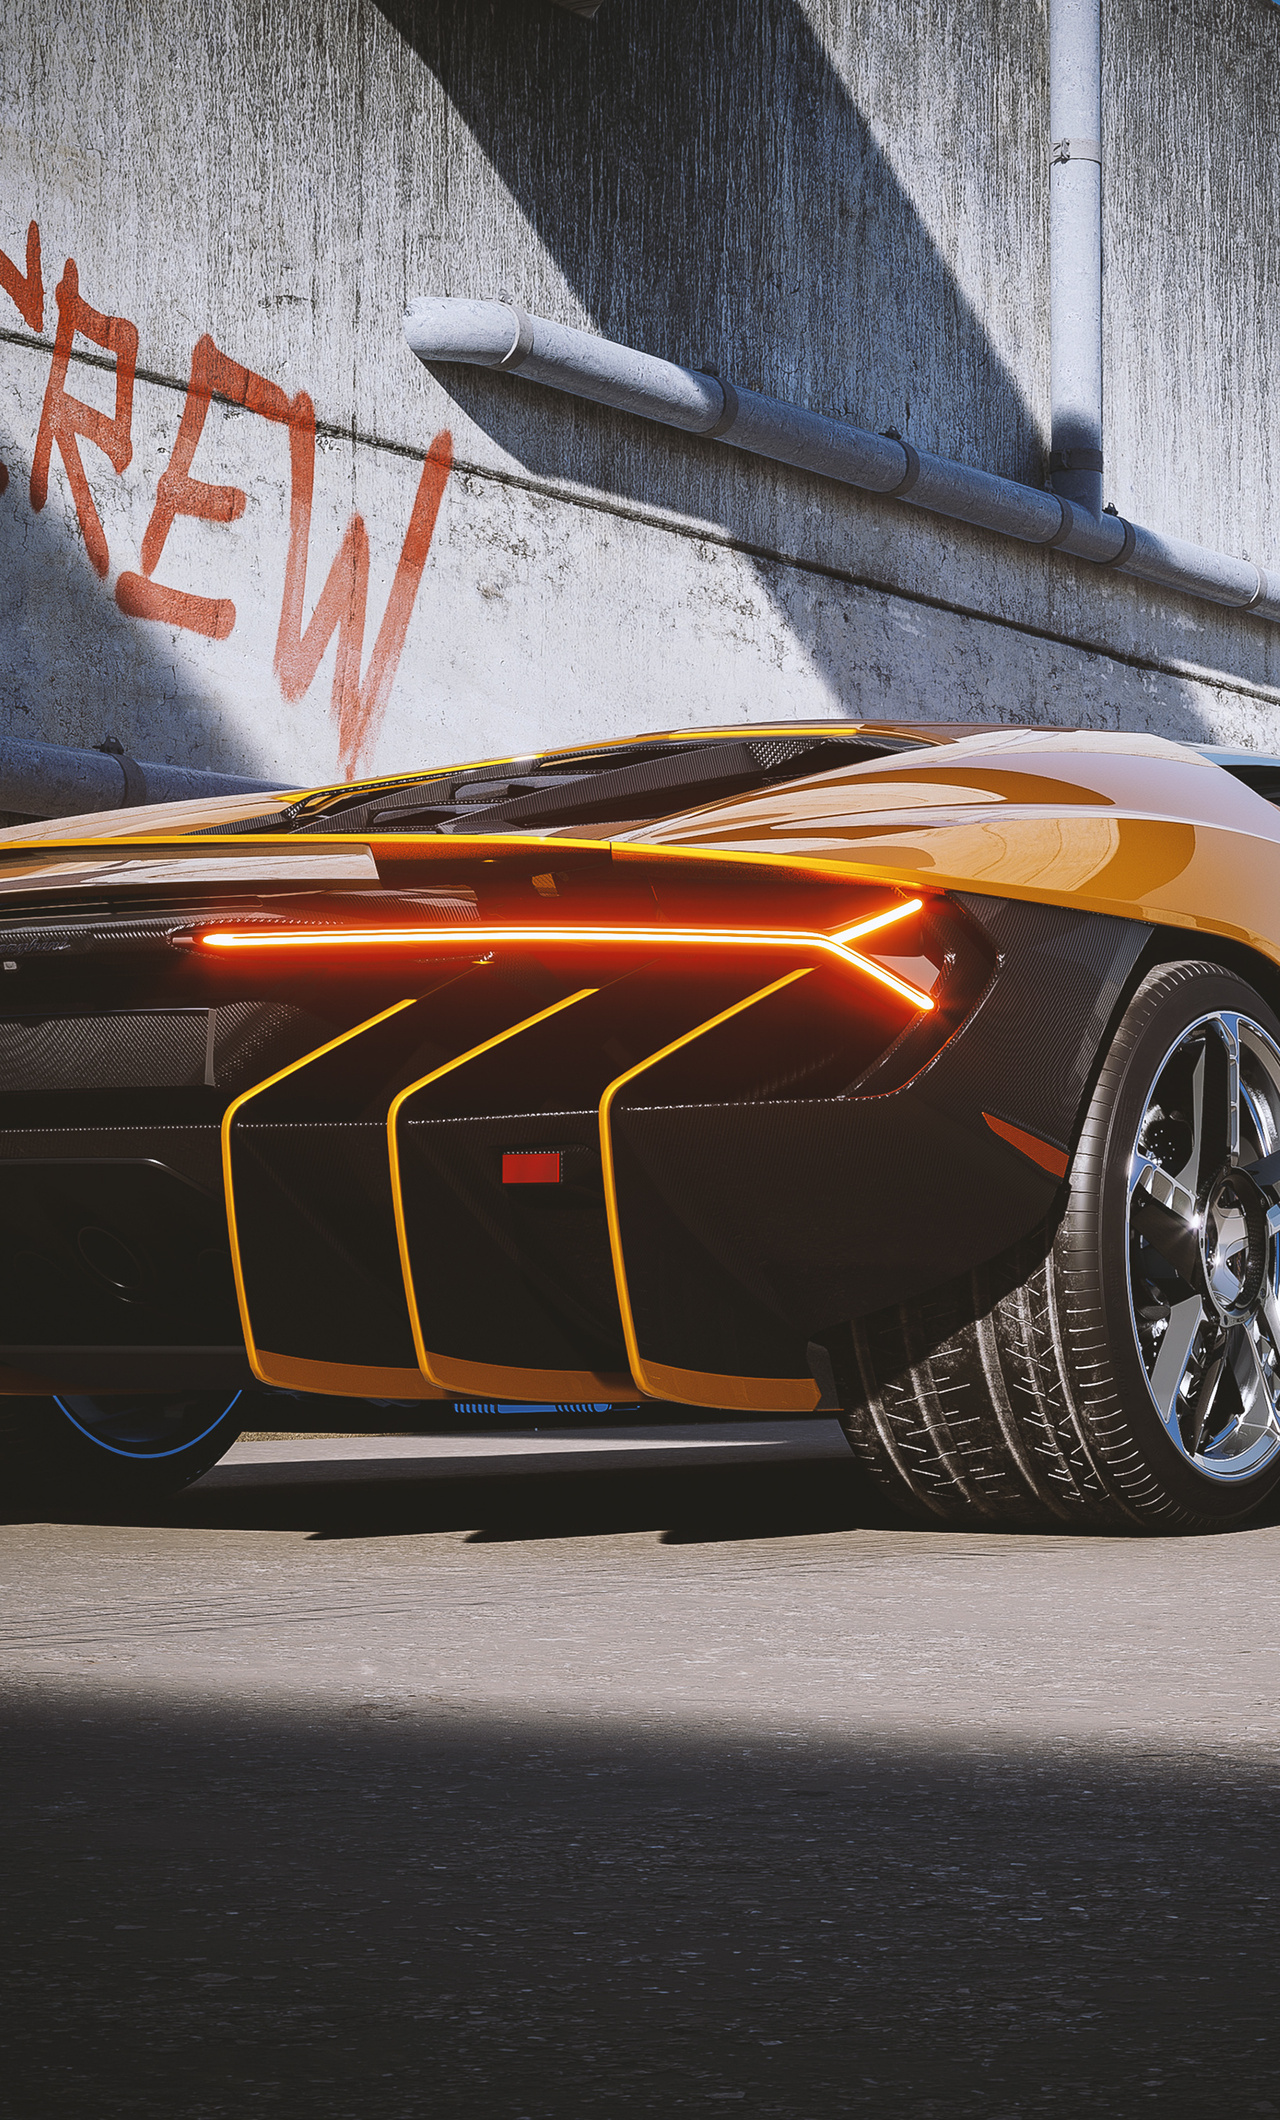 2021-lamborghini-centenario-yellow-cgi-rear-4k-rf.jpg